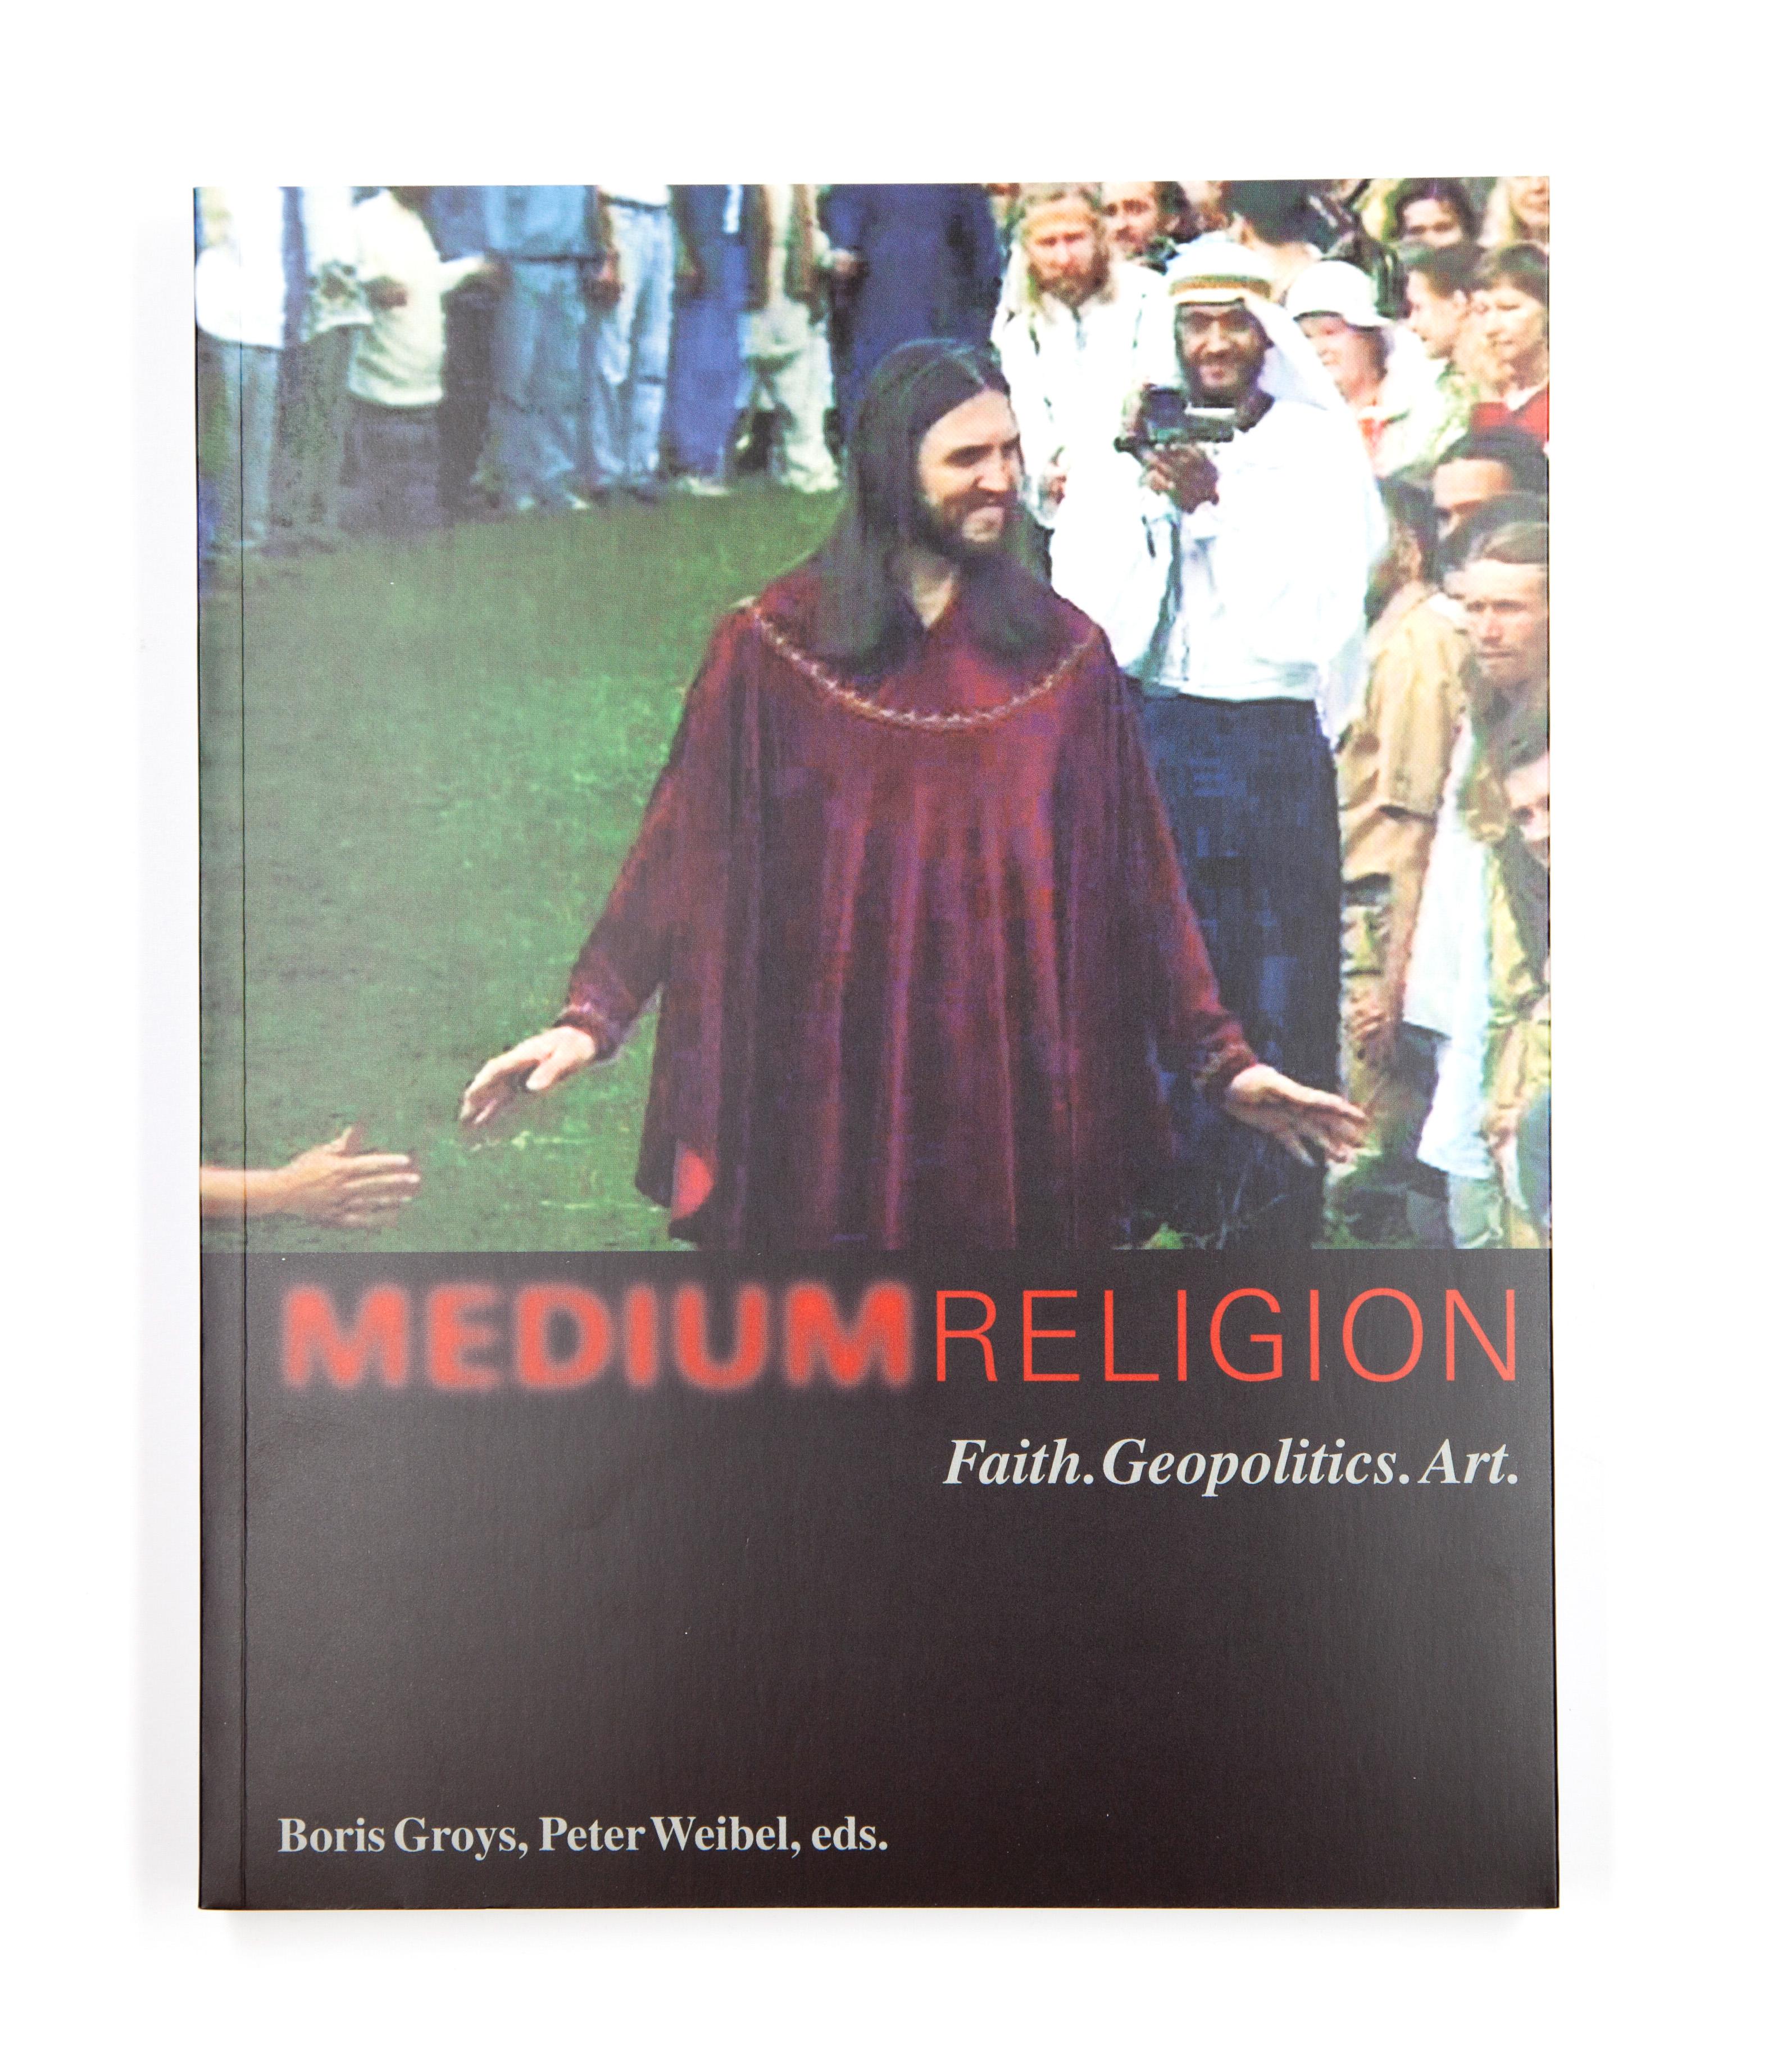 Medium Religion